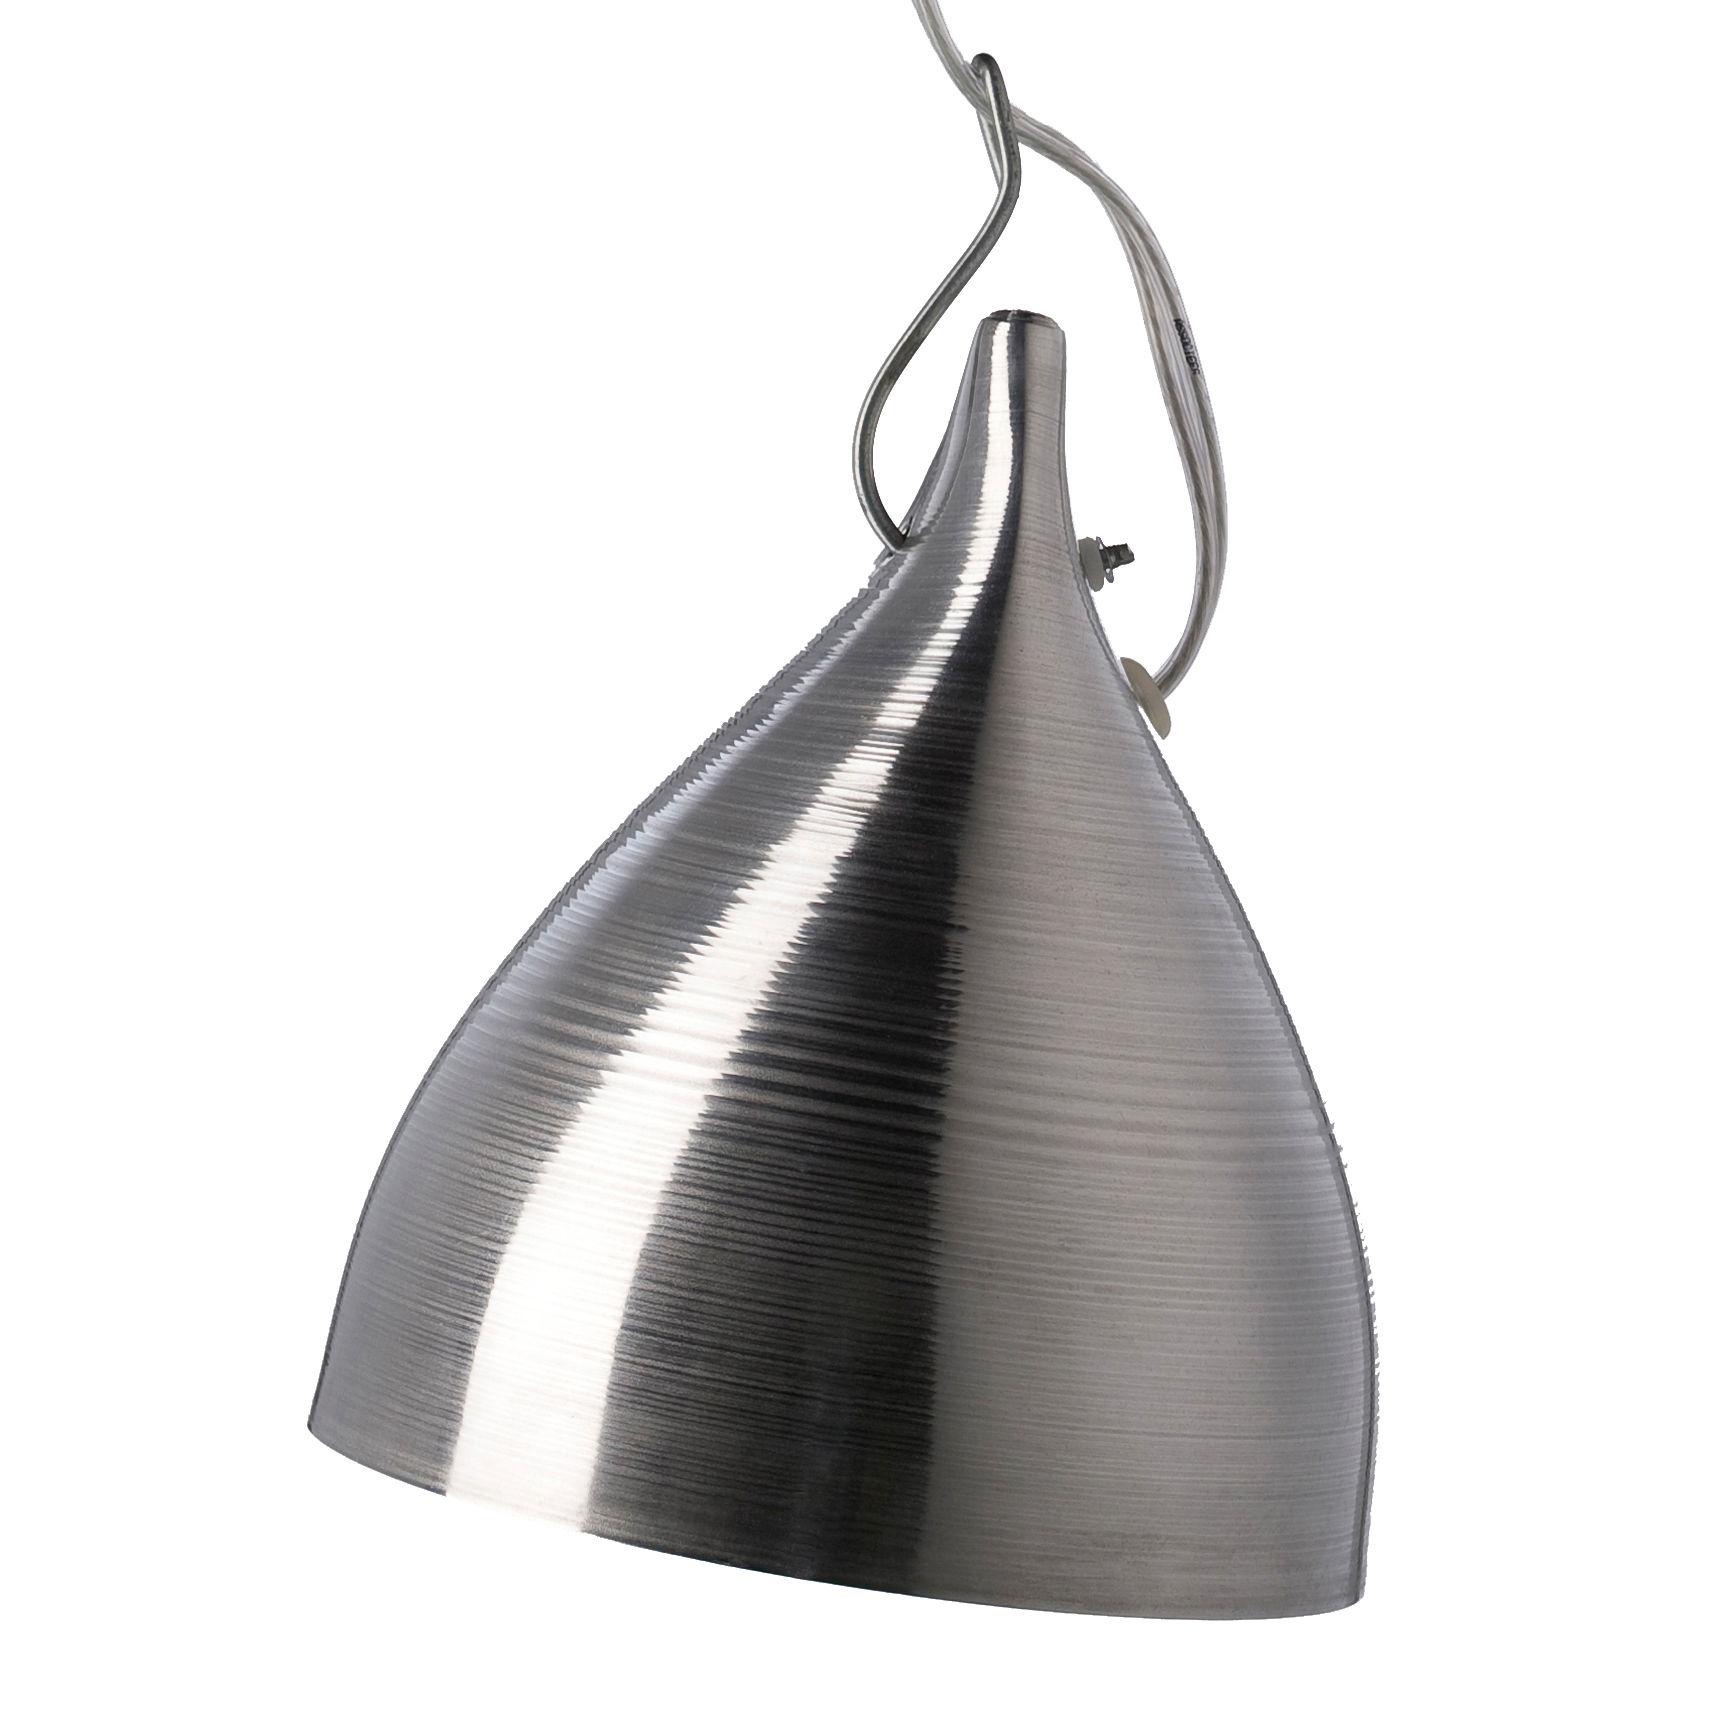 Illuminazione - Lampadari - Sospensione Cornette - versione tinta unita - Ø 15 x H 18 cm di Tsé-Tsé - Alluminio - Alluminio anodizzato